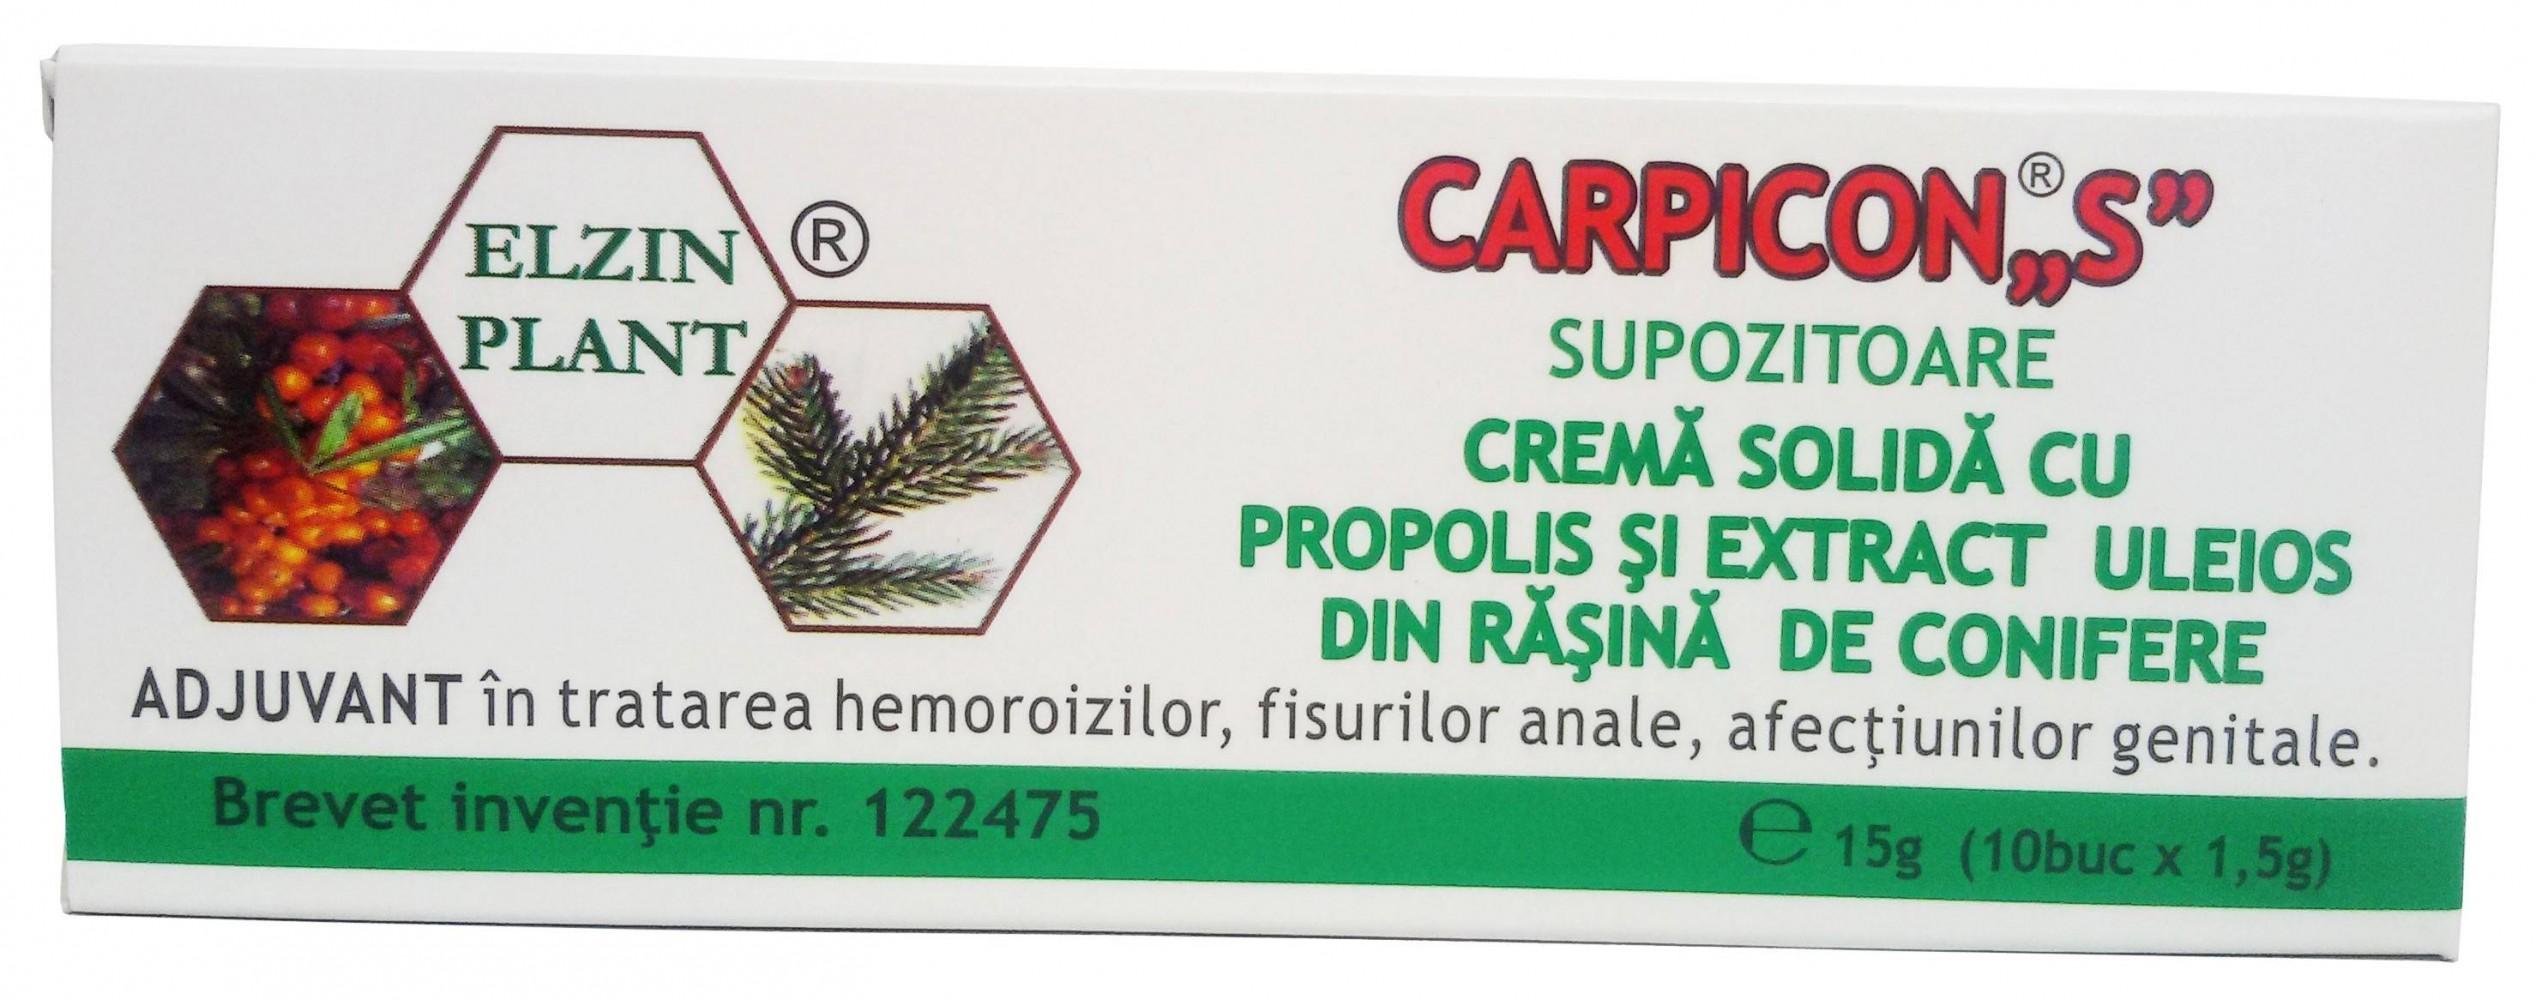 Carpicon S, Supozitoare cu Propolis, Extract Uleios din Rasina de Confiere, 15g